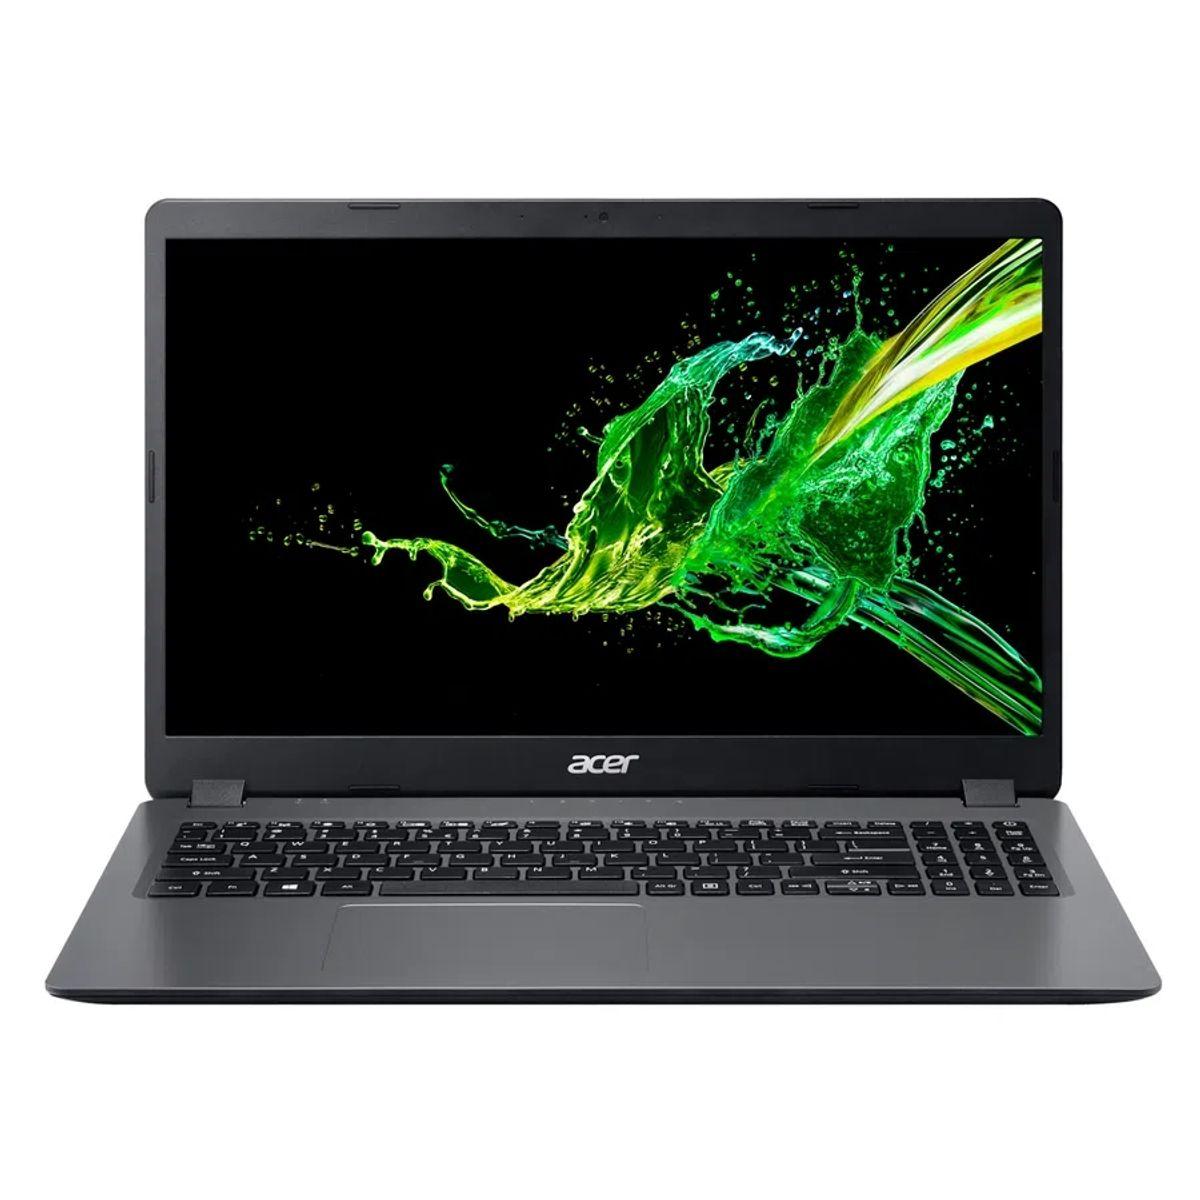 Notebook - Acer A315-54k-30bg I3-8130u 2.20ghz 8gb 1tb Padrão Intel Hd Graphics 620 Windows 10 Home Aspire 3 15,6